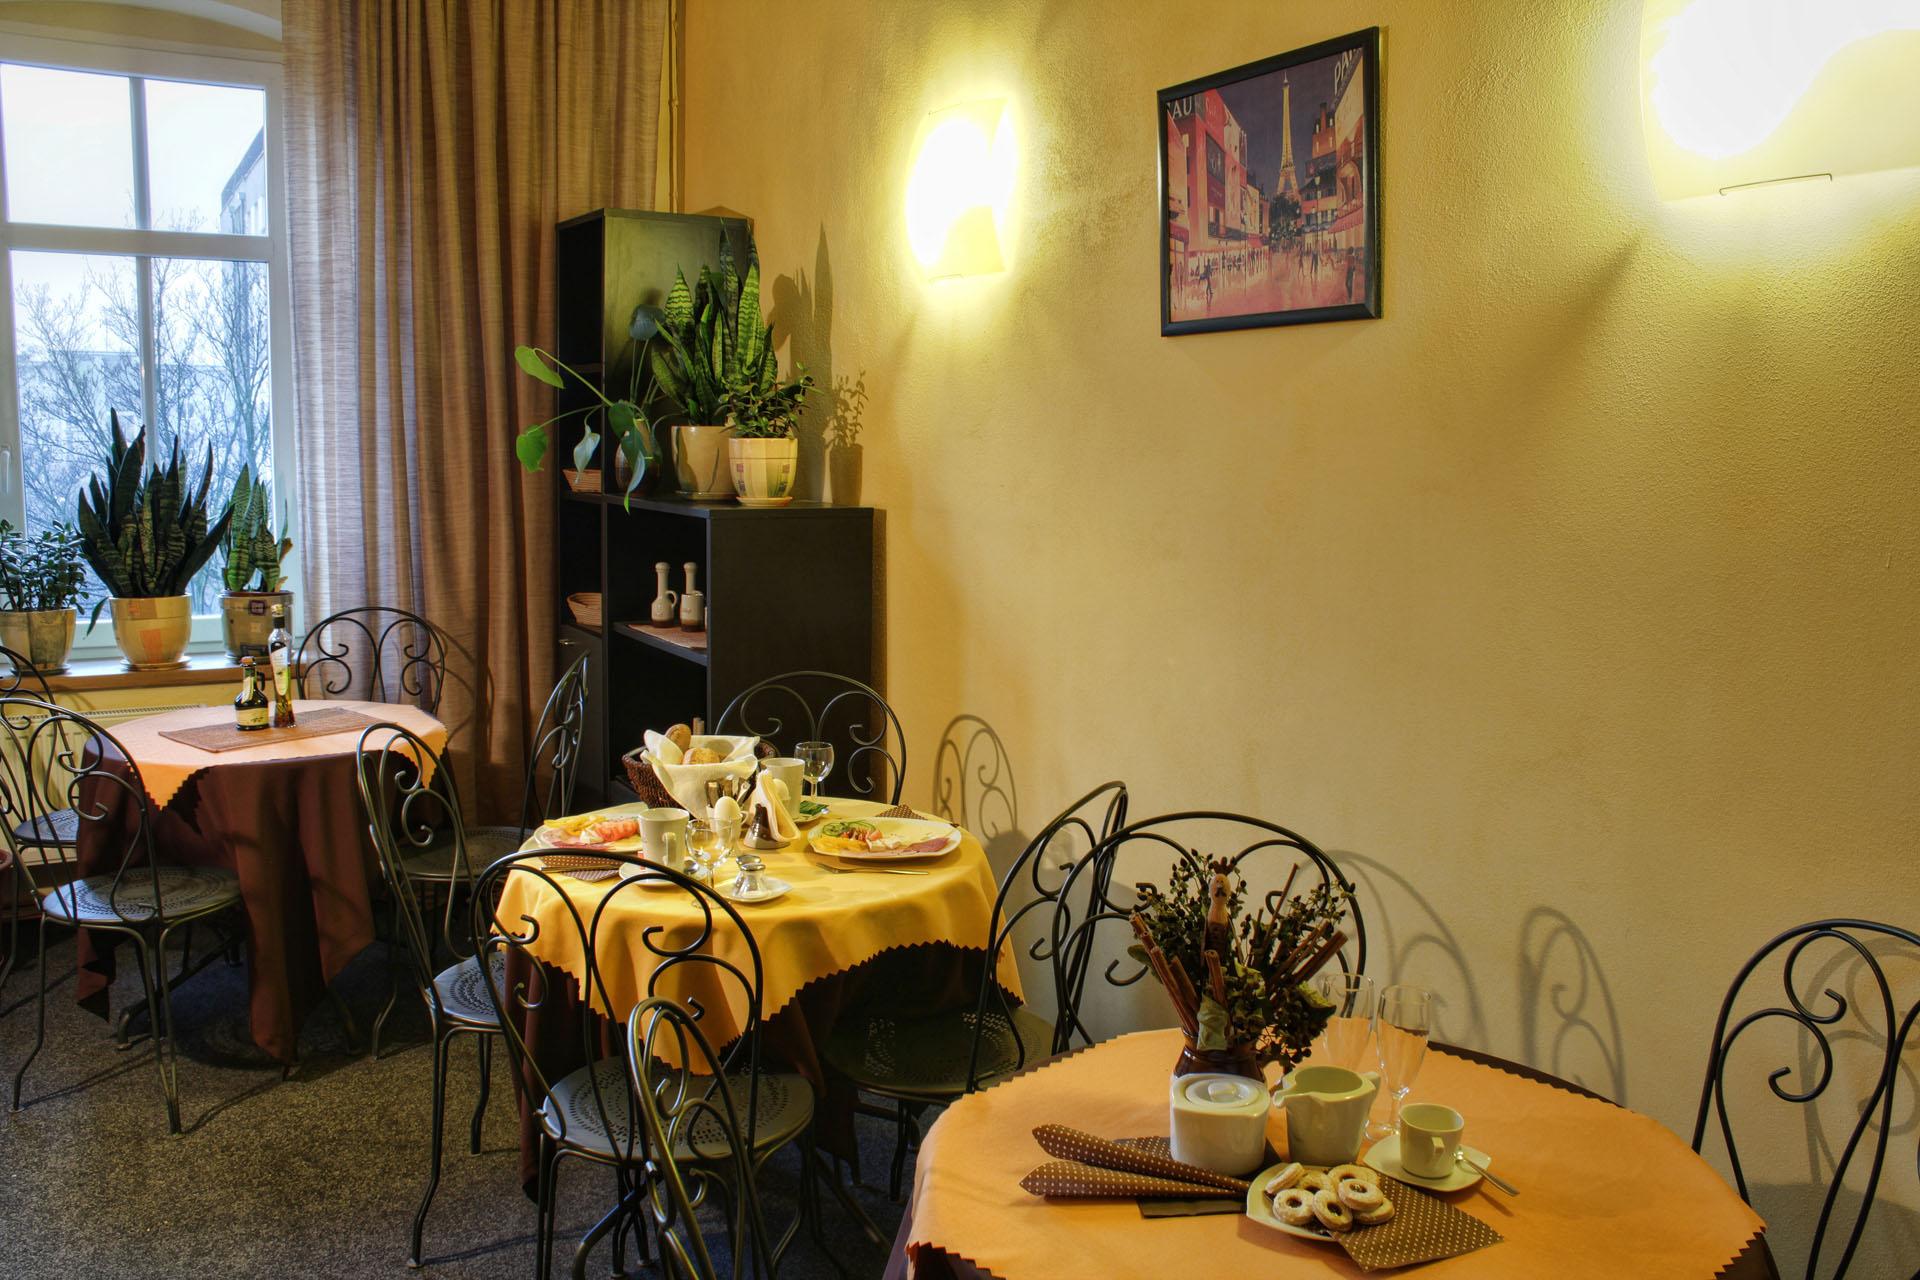 Romantická jídelna s kovovými jídelními stoly a židlemi připravená k podávání snídaní v penzionu Komtesa